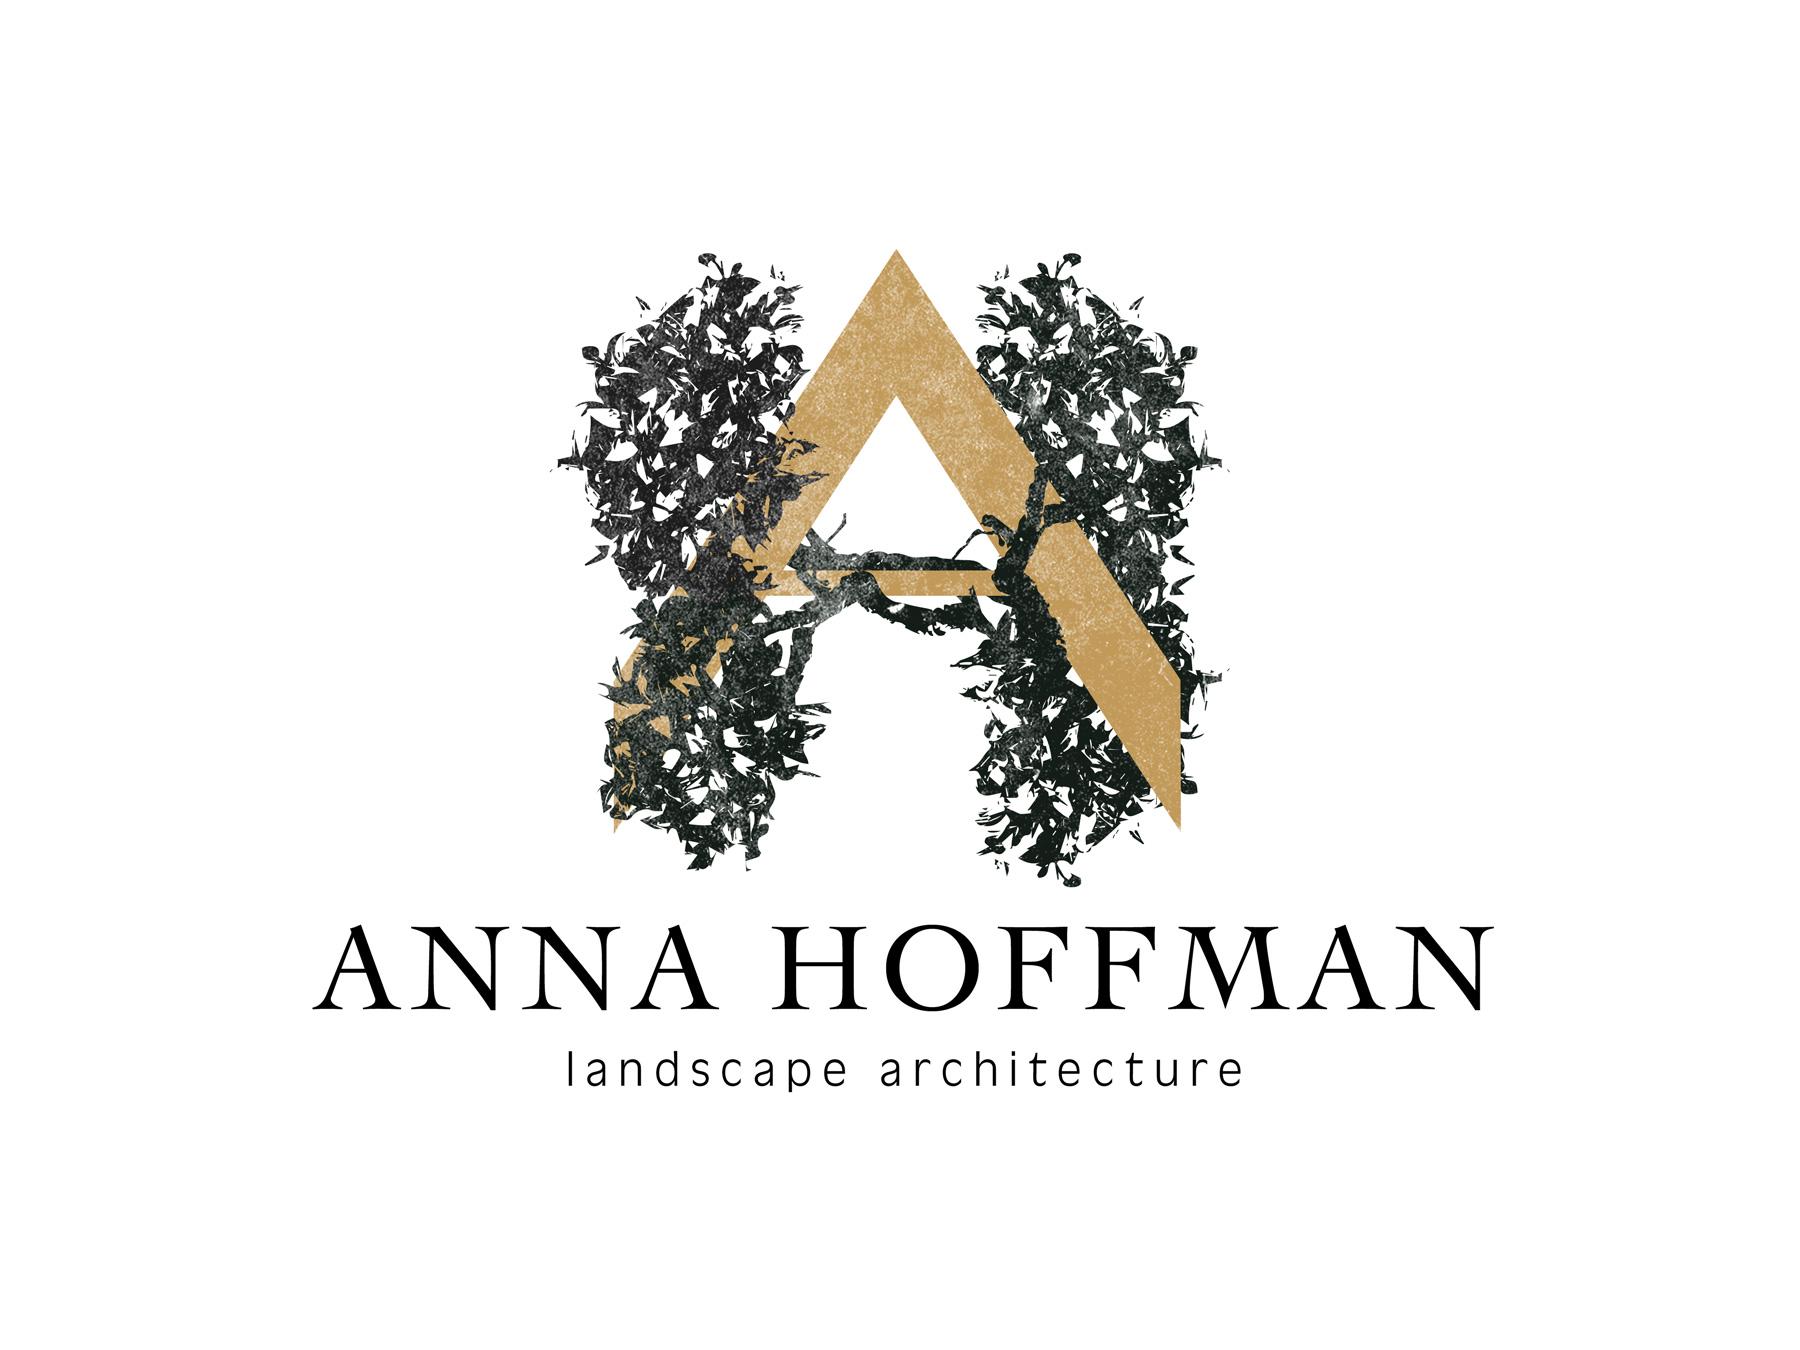 Anna-Hoffman-Logo-with-Text-Branding.jpg